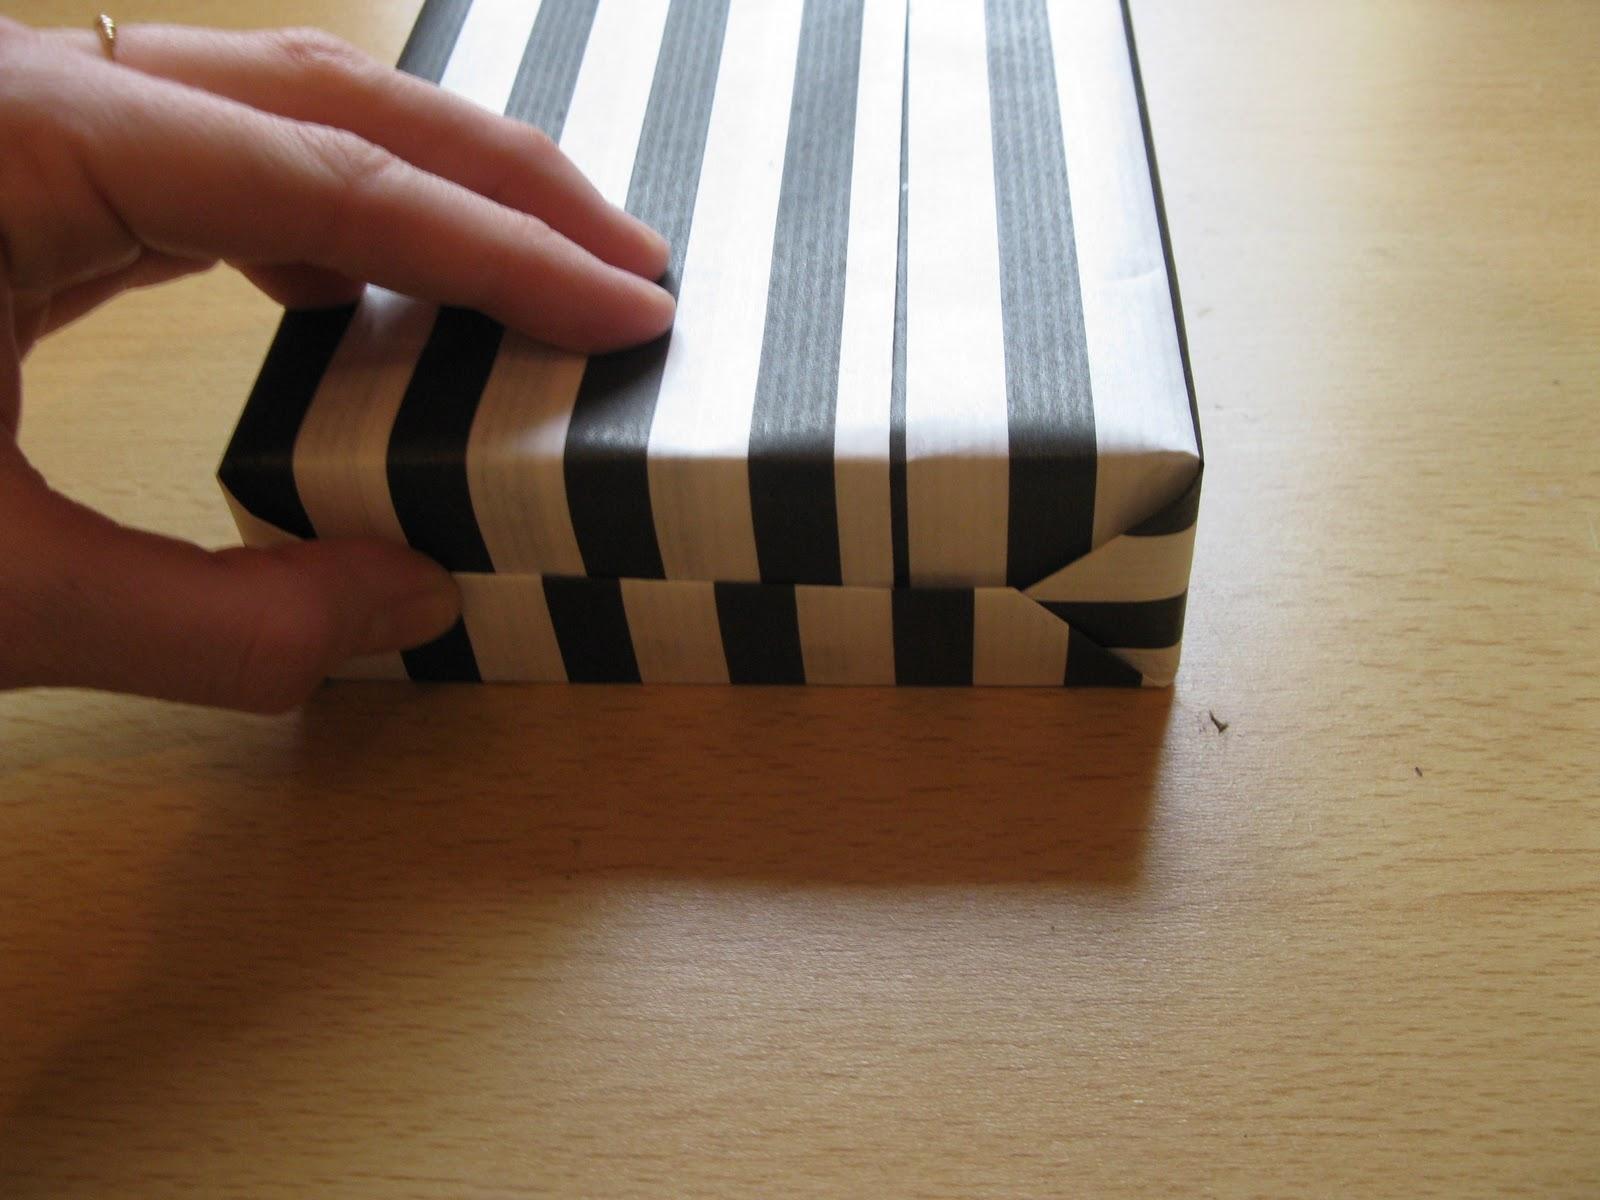 jitka geschenke richtig einpacken. Black Bedroom Furniture Sets. Home Design Ideas